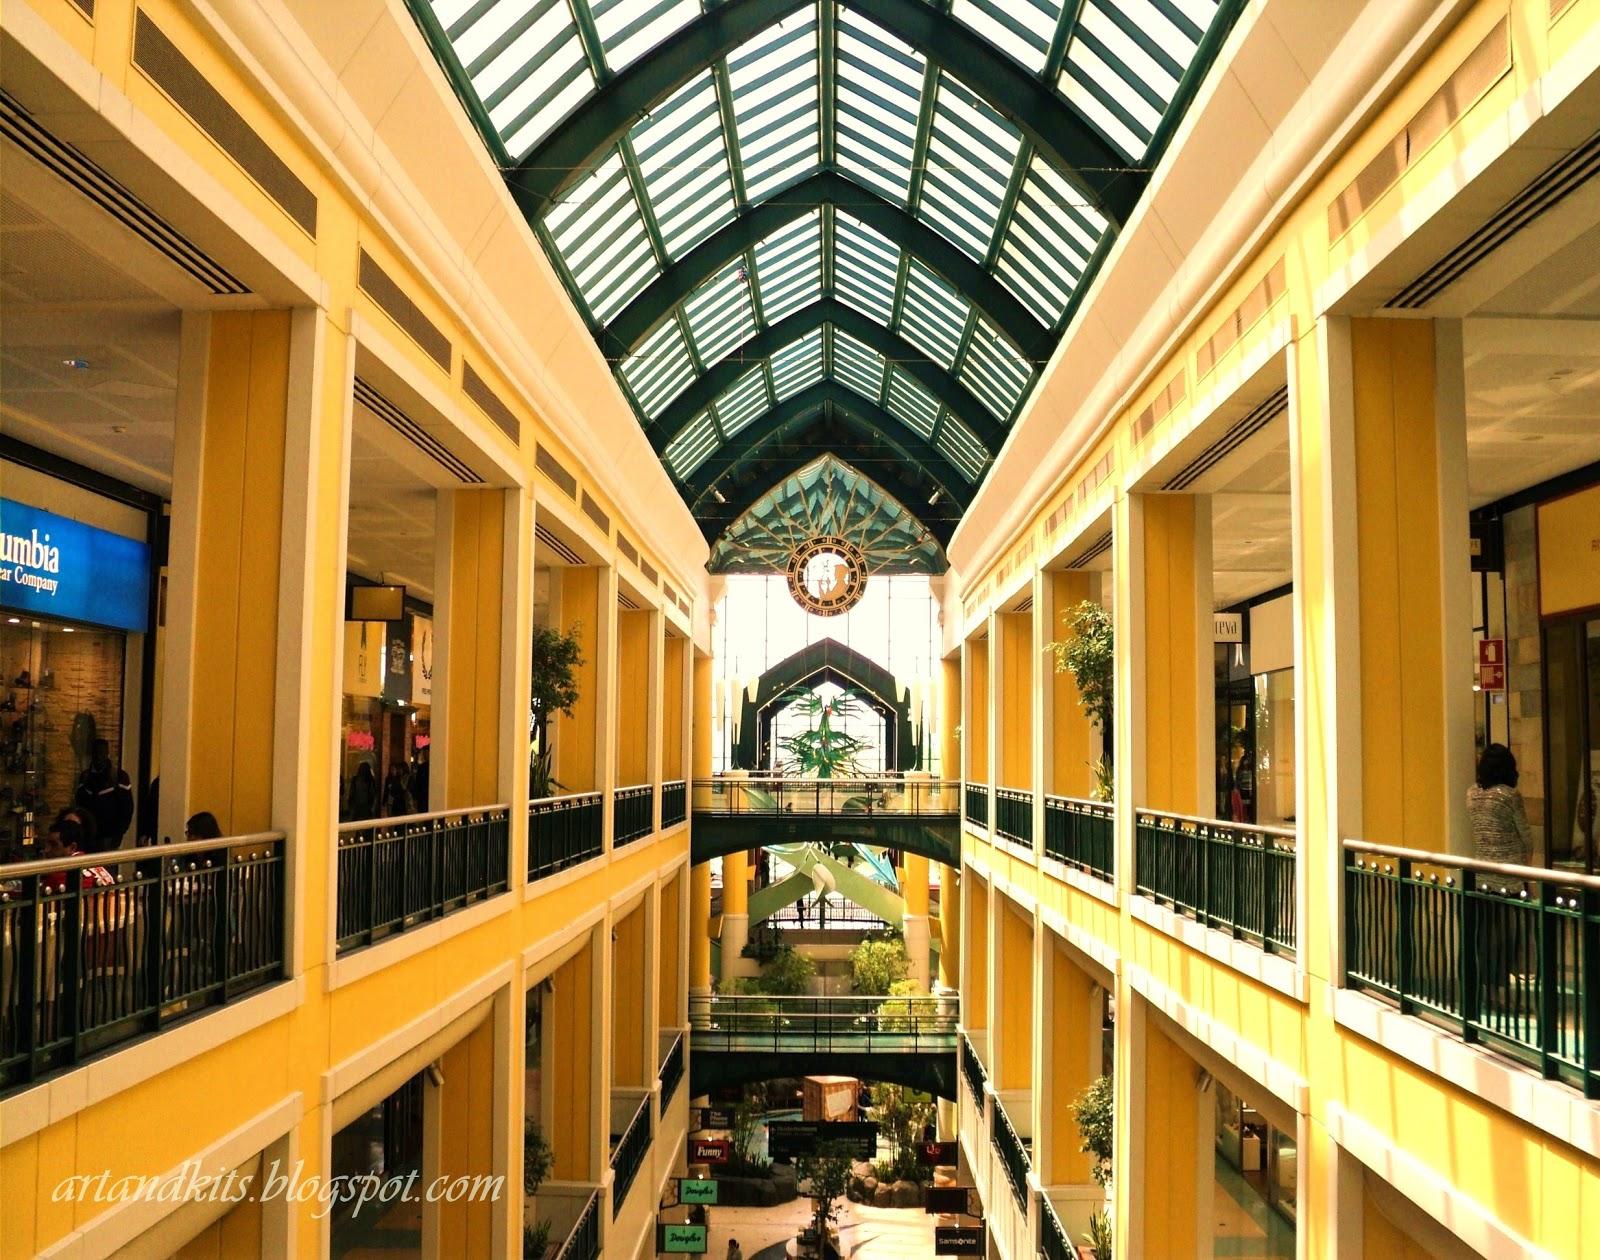 Cidades dentro de outras cidades... assim são os centros comerciais, actualmente... Locais onde uns trabalham... outros, fazem as suas compras... mas pólos inquestionáveis de atractividade em torno do consumismo, e do aparente, mas fugaz bem estar, que este proporciona... / Cities within other cities ... that's what the shopping centers are, nowadays... Places where some are working... others do their shopping... but they are unquestionable poles of attractiveness on the consumption, and its brief good feeling, that it seems to provide...